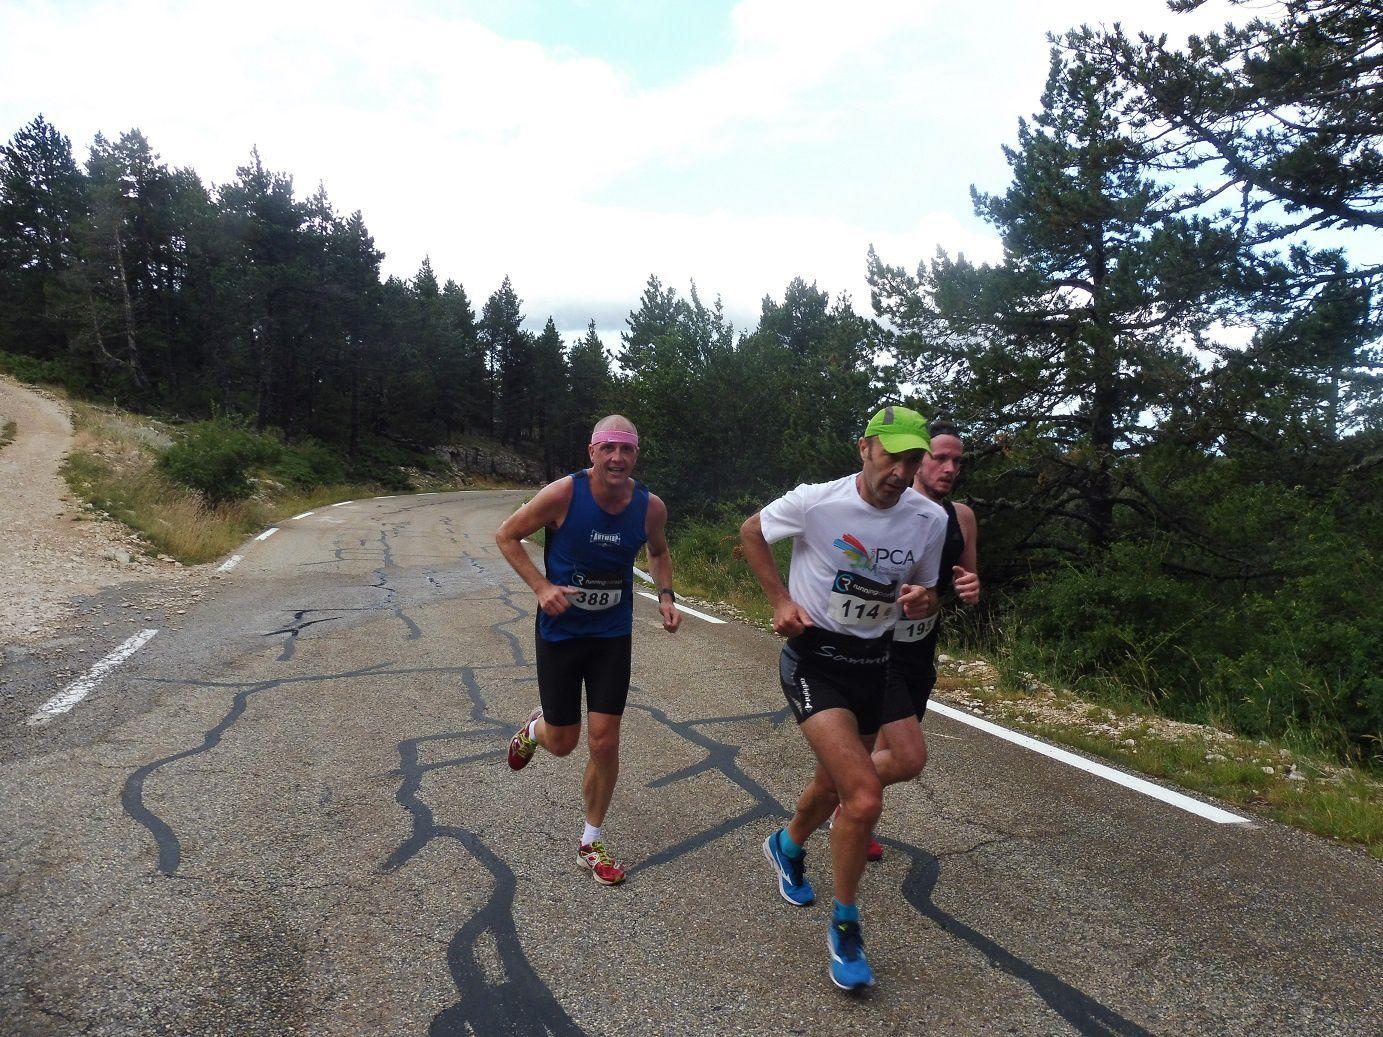 Le Semi-Marathon du Ventoux 2019, tronqué...